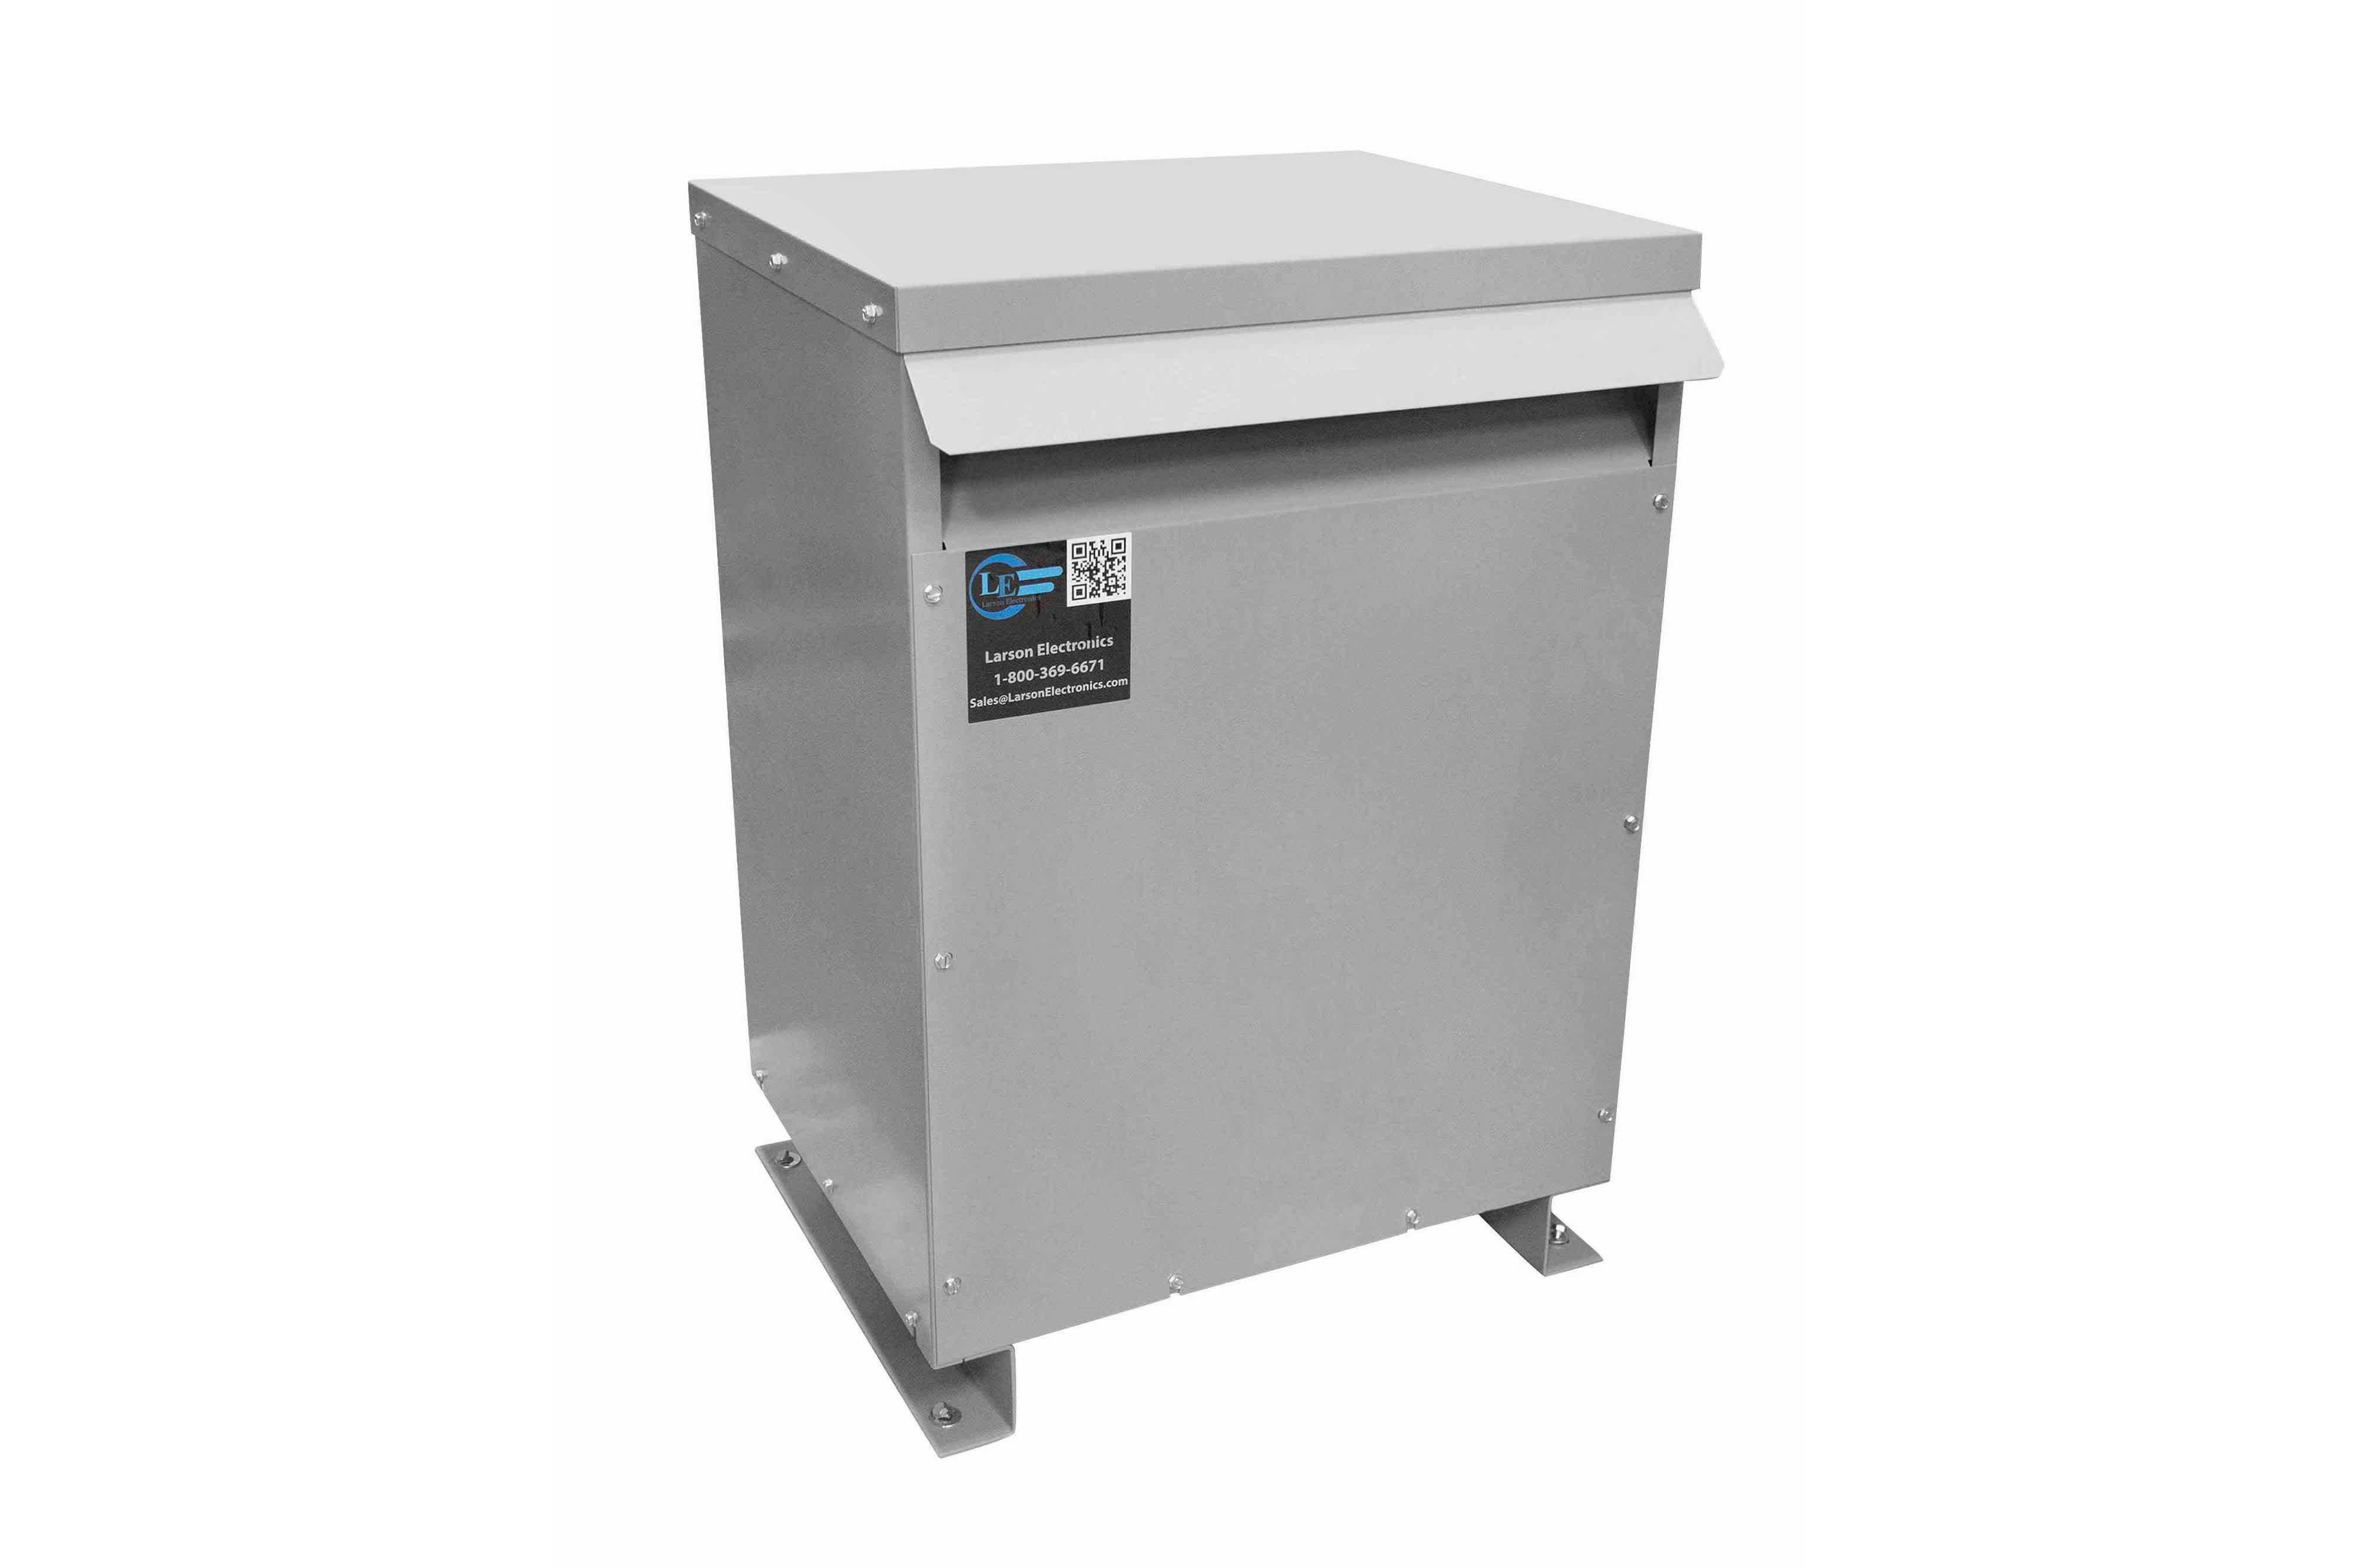 167 kVA 3PH Isolation Transformer, 400V Delta Primary, 240 Delta Secondary, N3R, Ventilated, 60 Hz